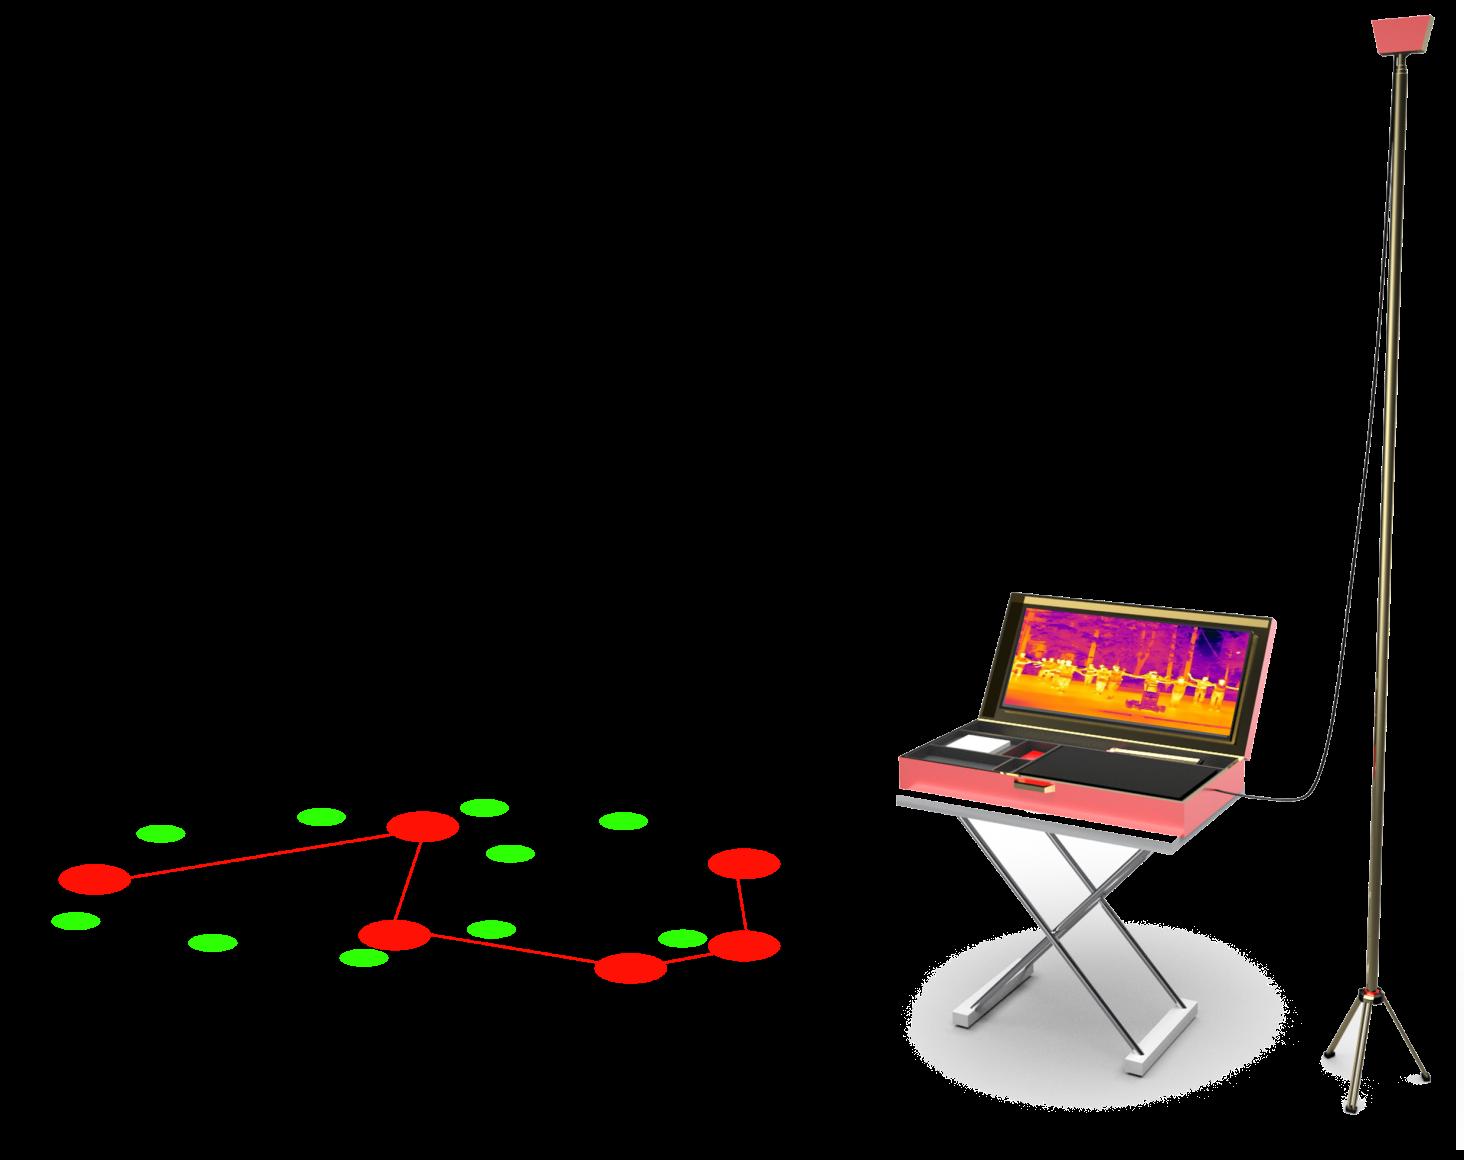 红外测温仪人定位识别距离